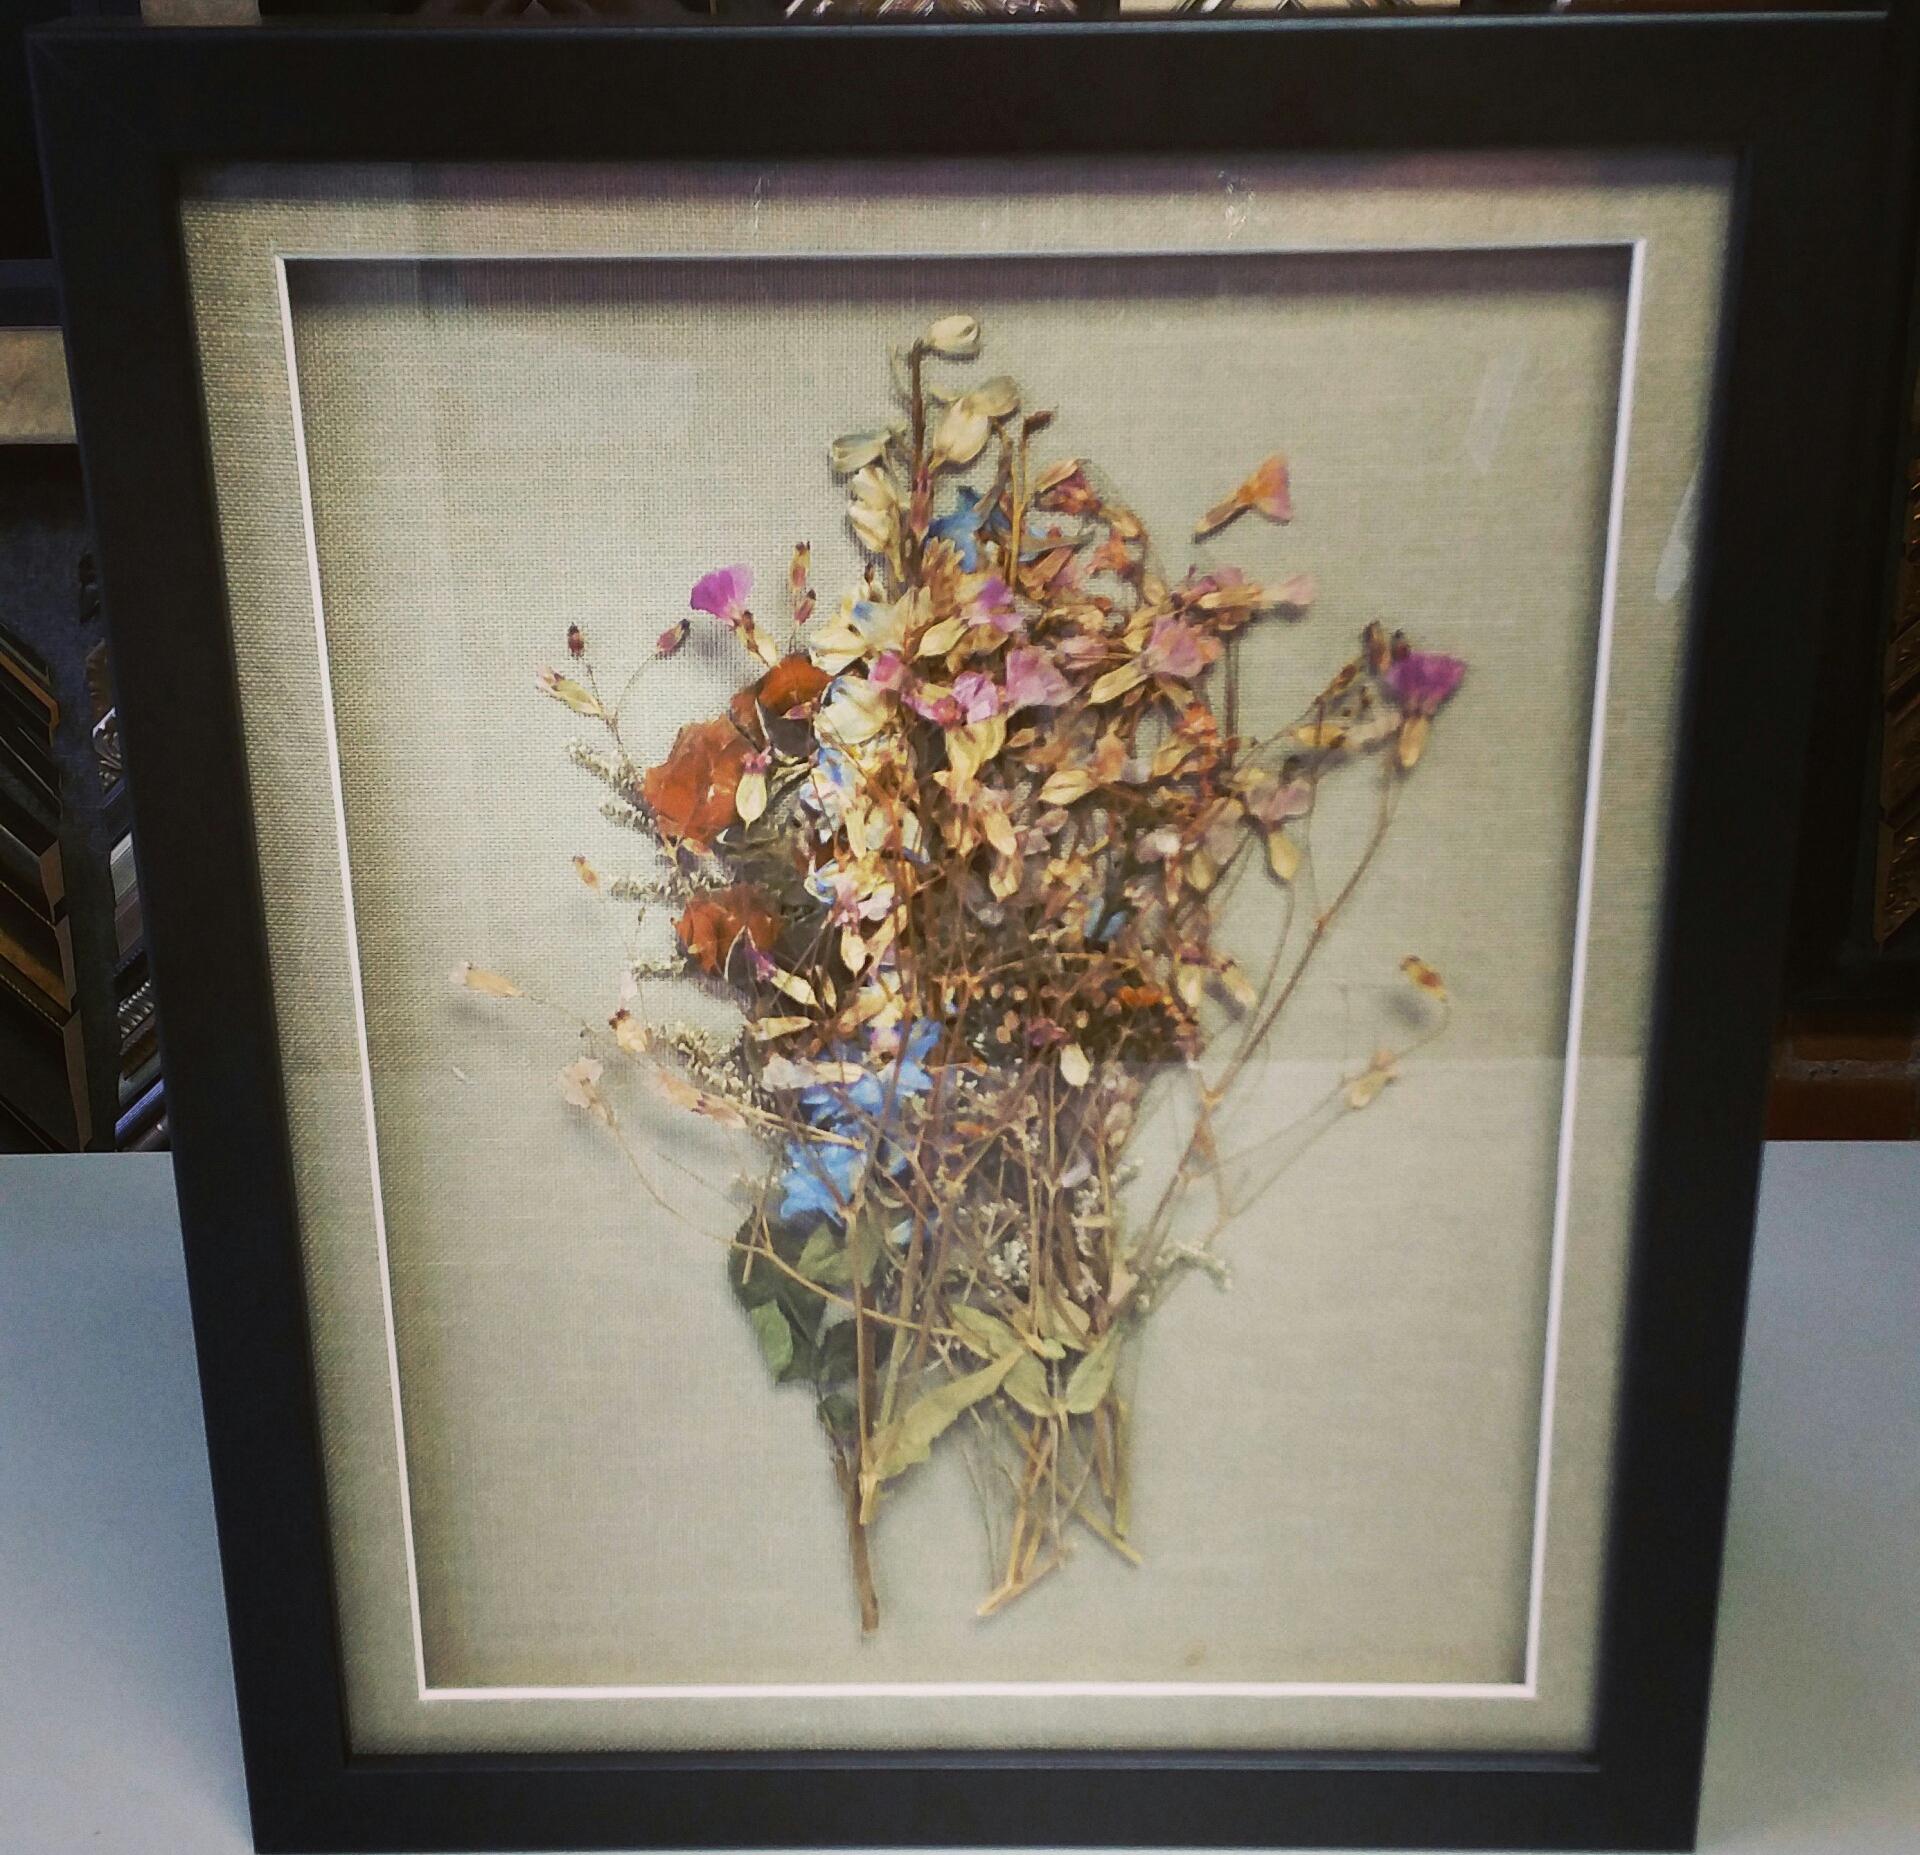 Custom Framed Flowers | FastFrame of LoDo - Expert Picture Framing